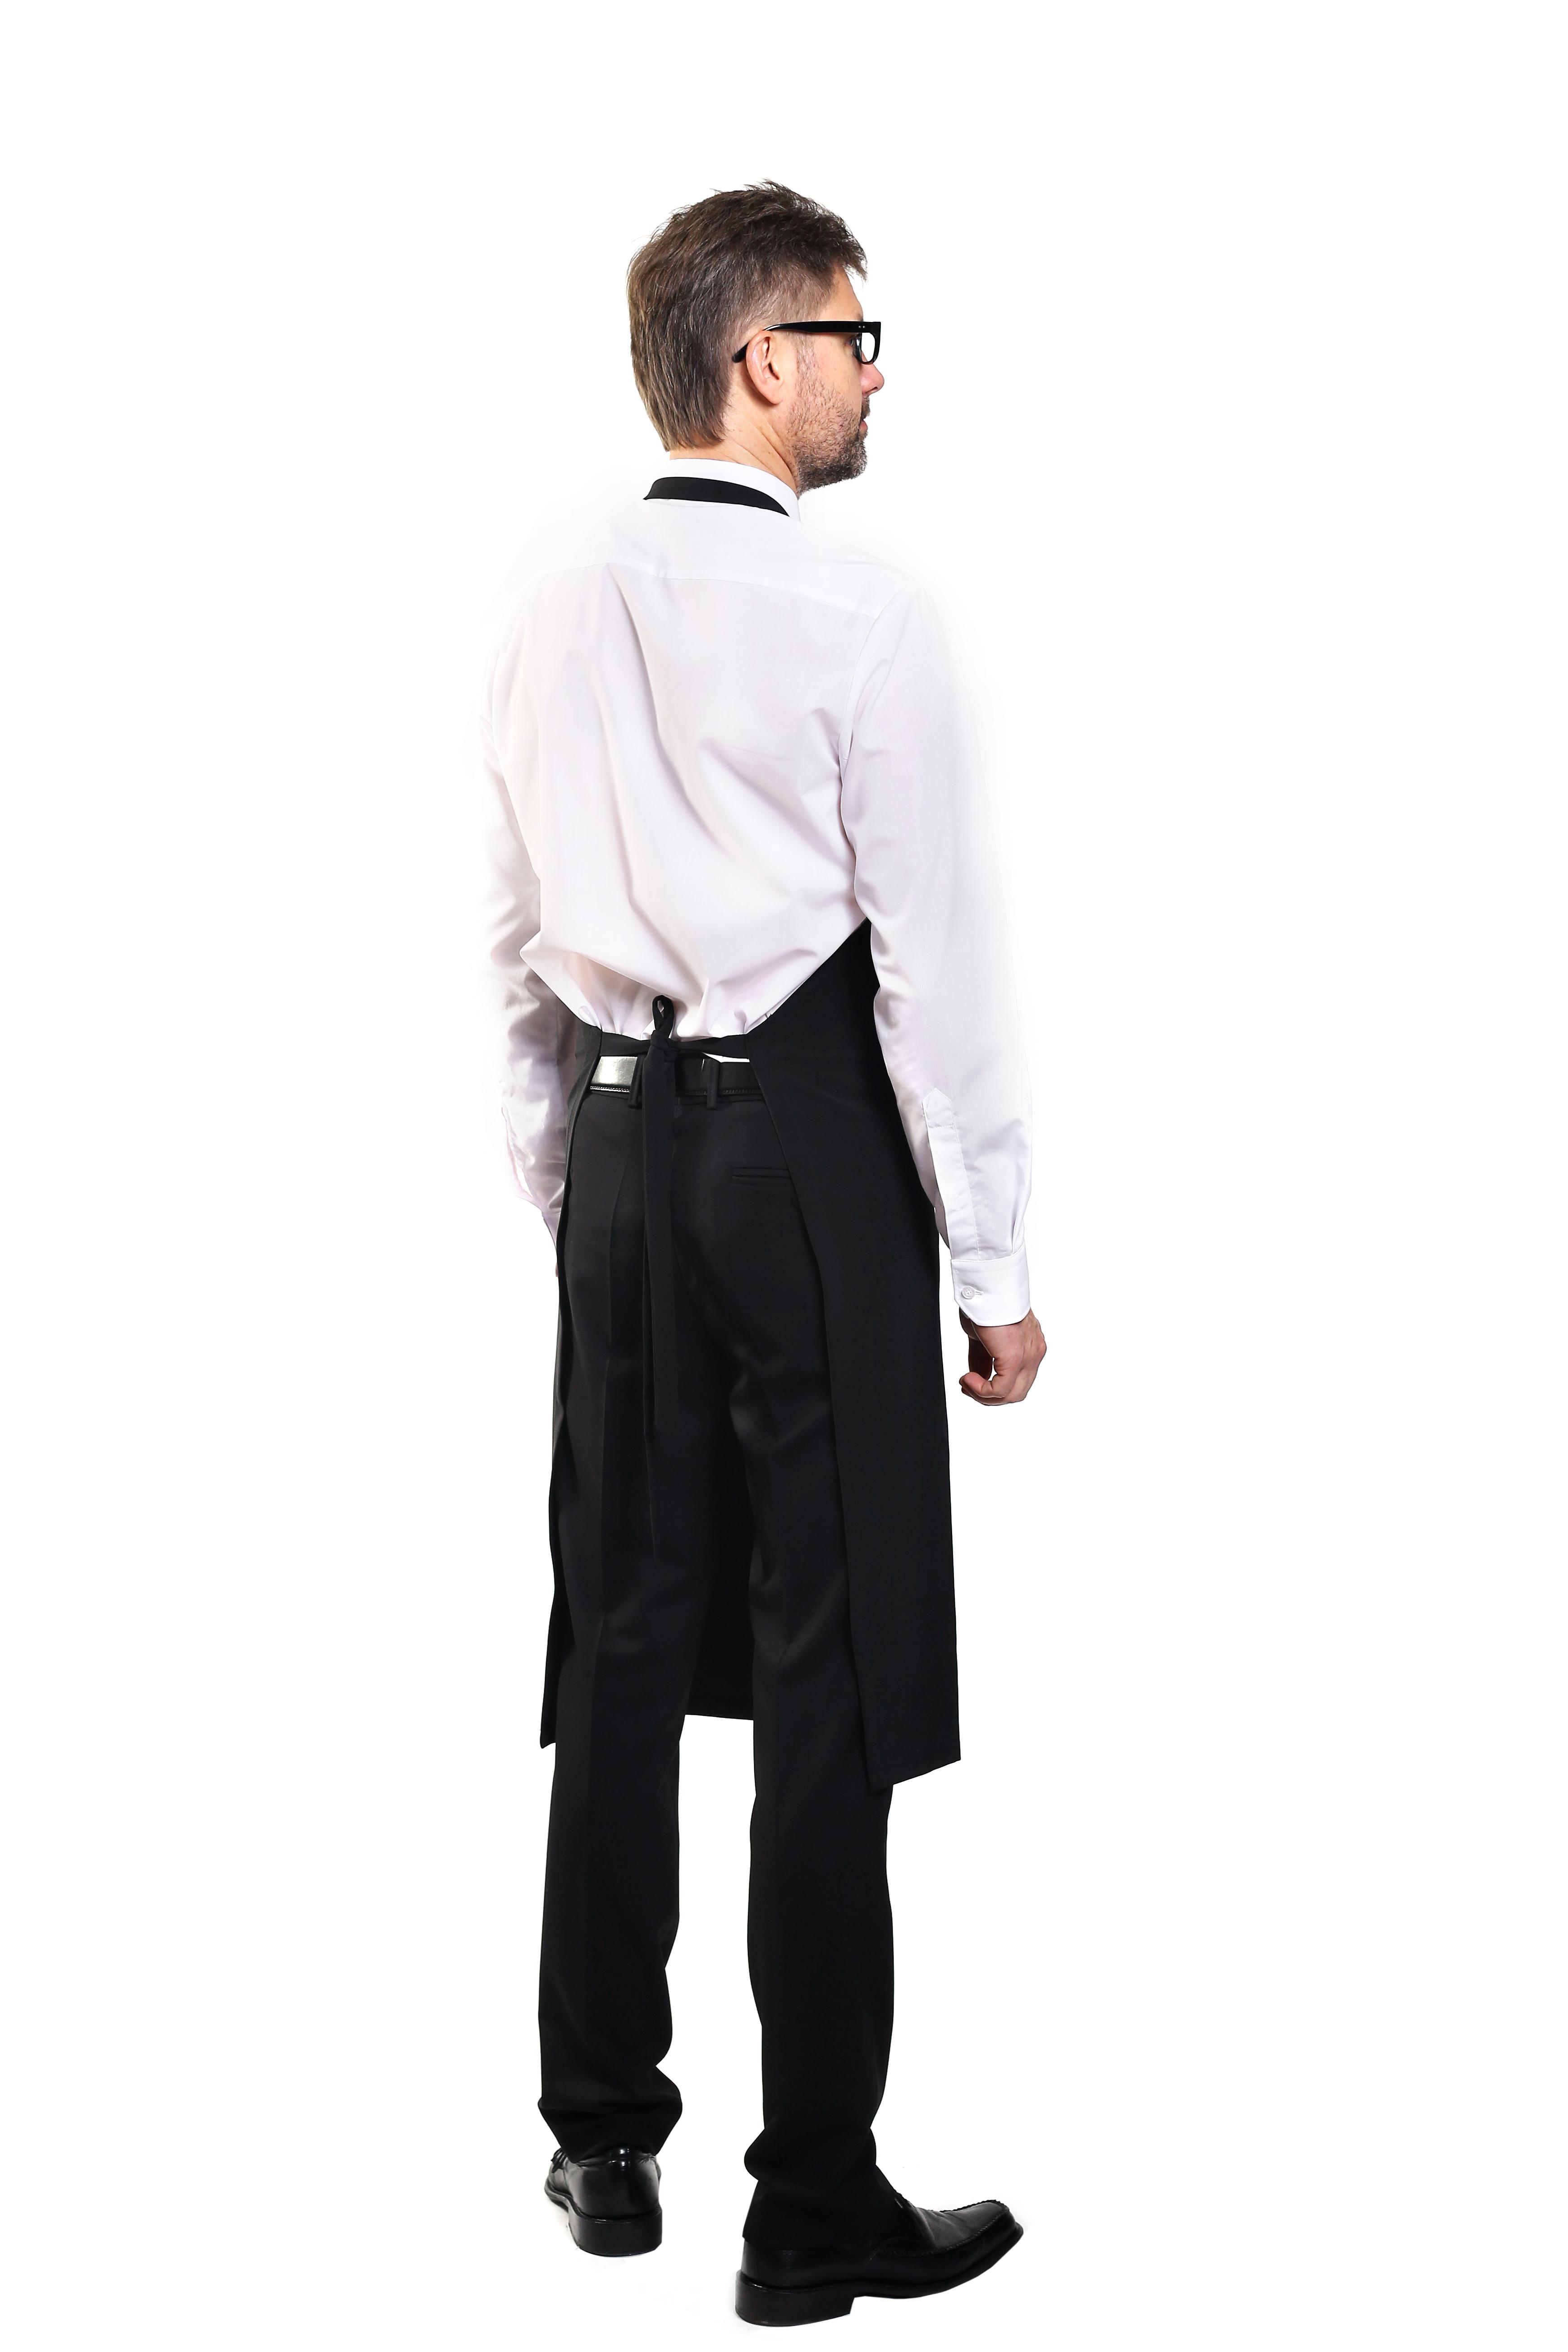 Koszula męska - ubranie służbowe